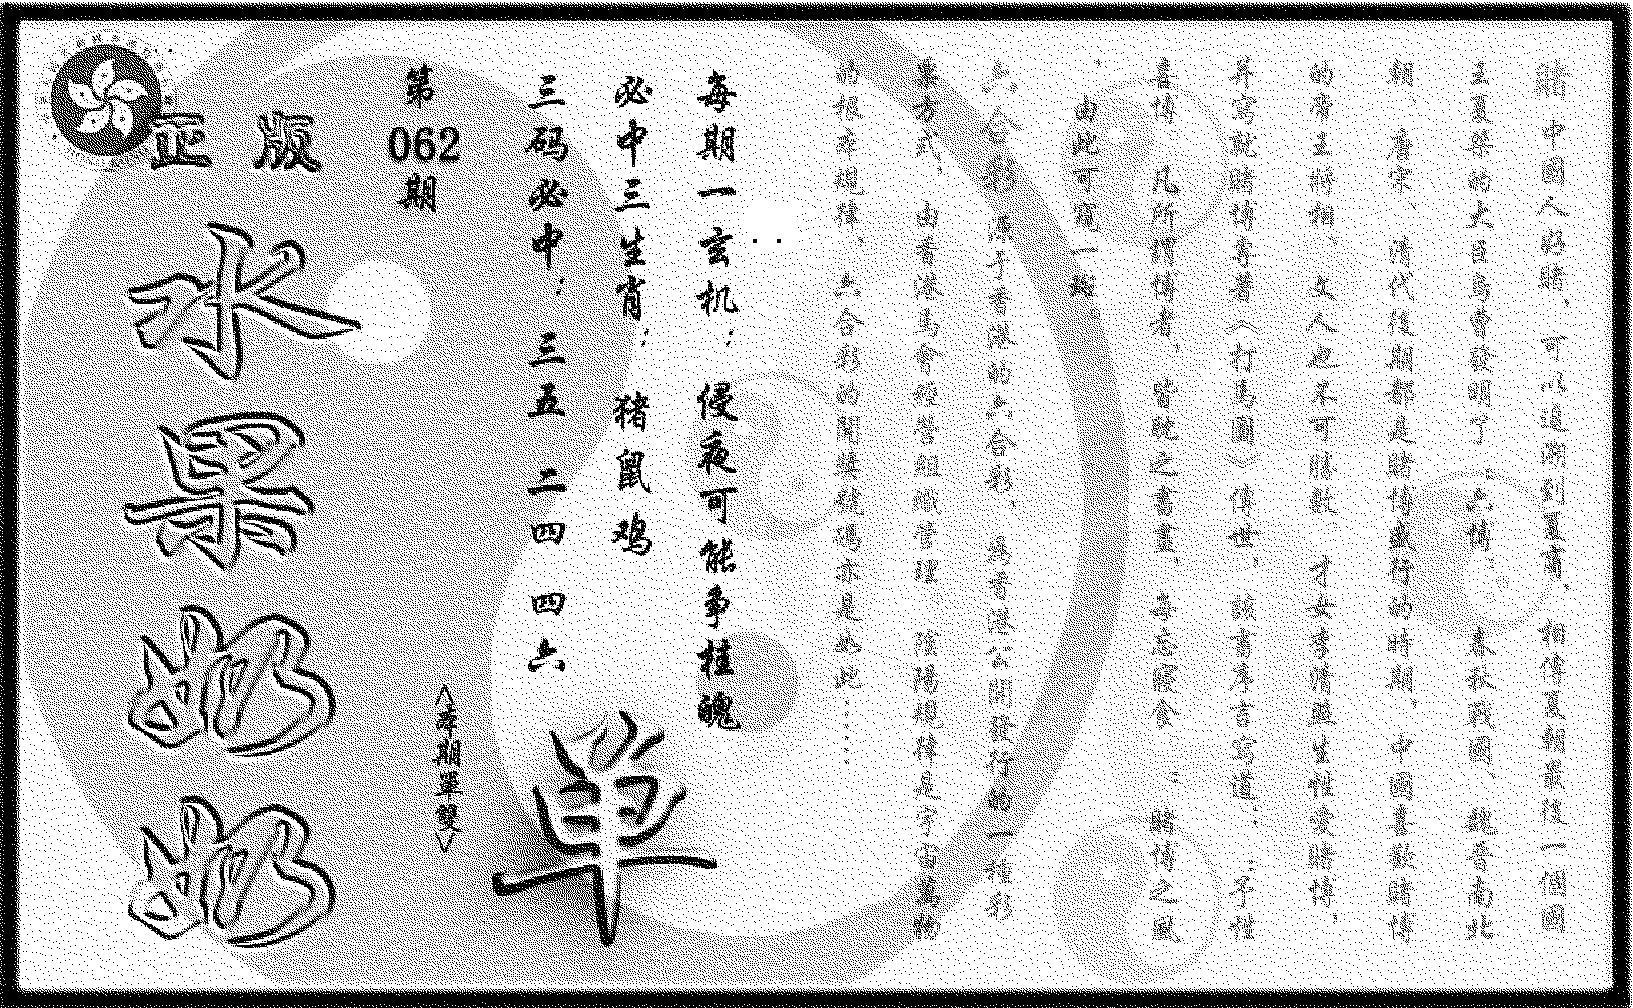 062期(九龙单双攻略)正版(黑白)